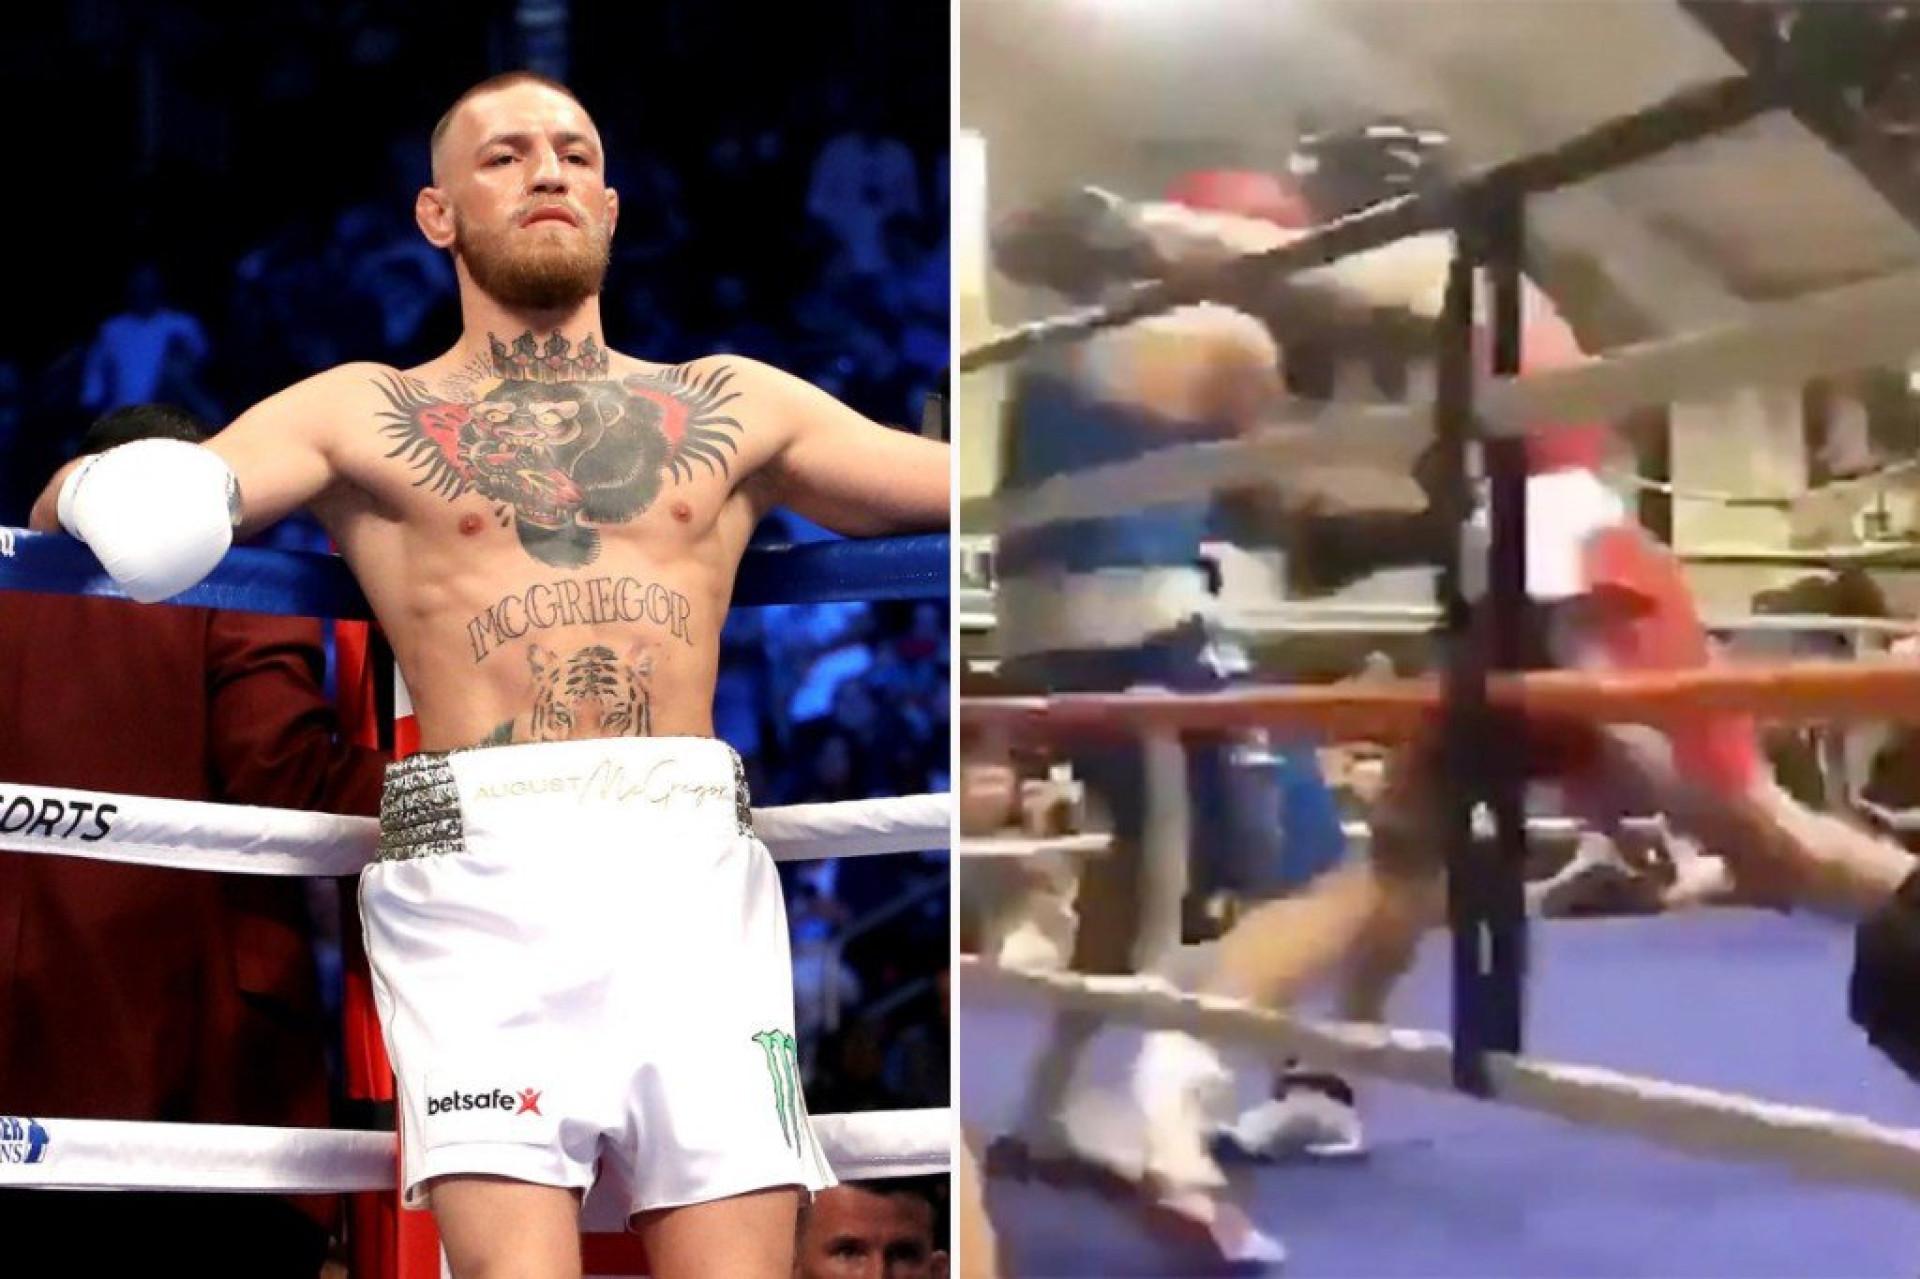 McGregor voltou aos ringues... amadores. E há imagens